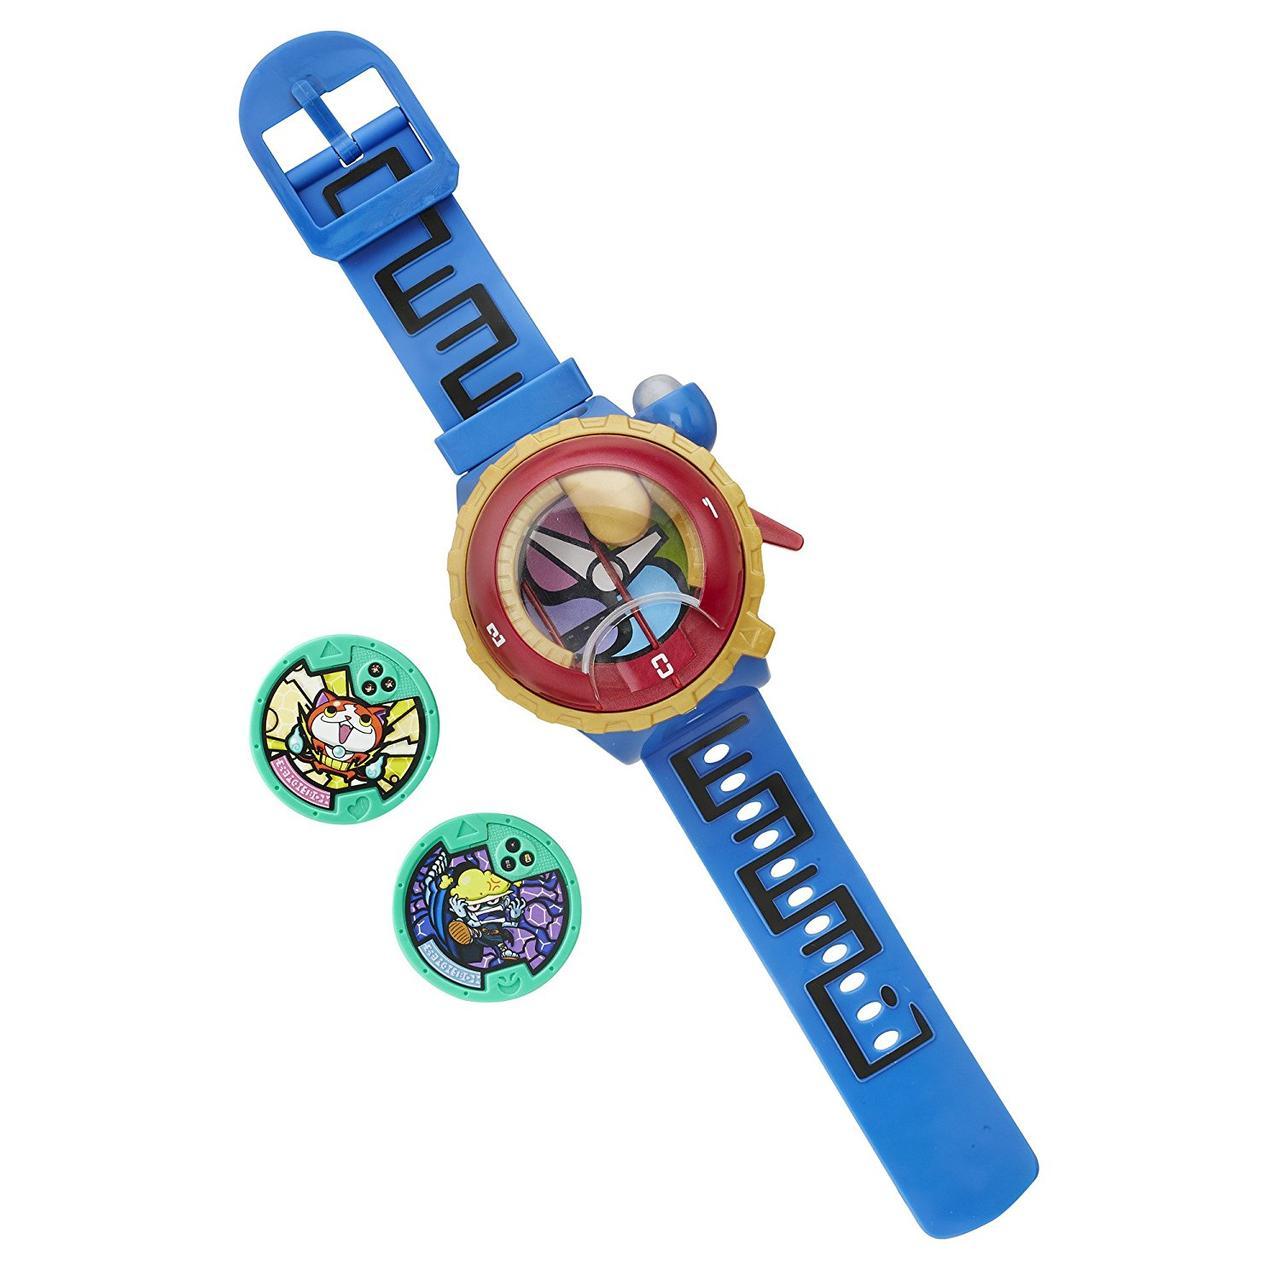 Новая модель! Интерактивные часы Йо-Кай Вотч Модель ZERO Yo-Kai Watch Model Zero Оригинал из США